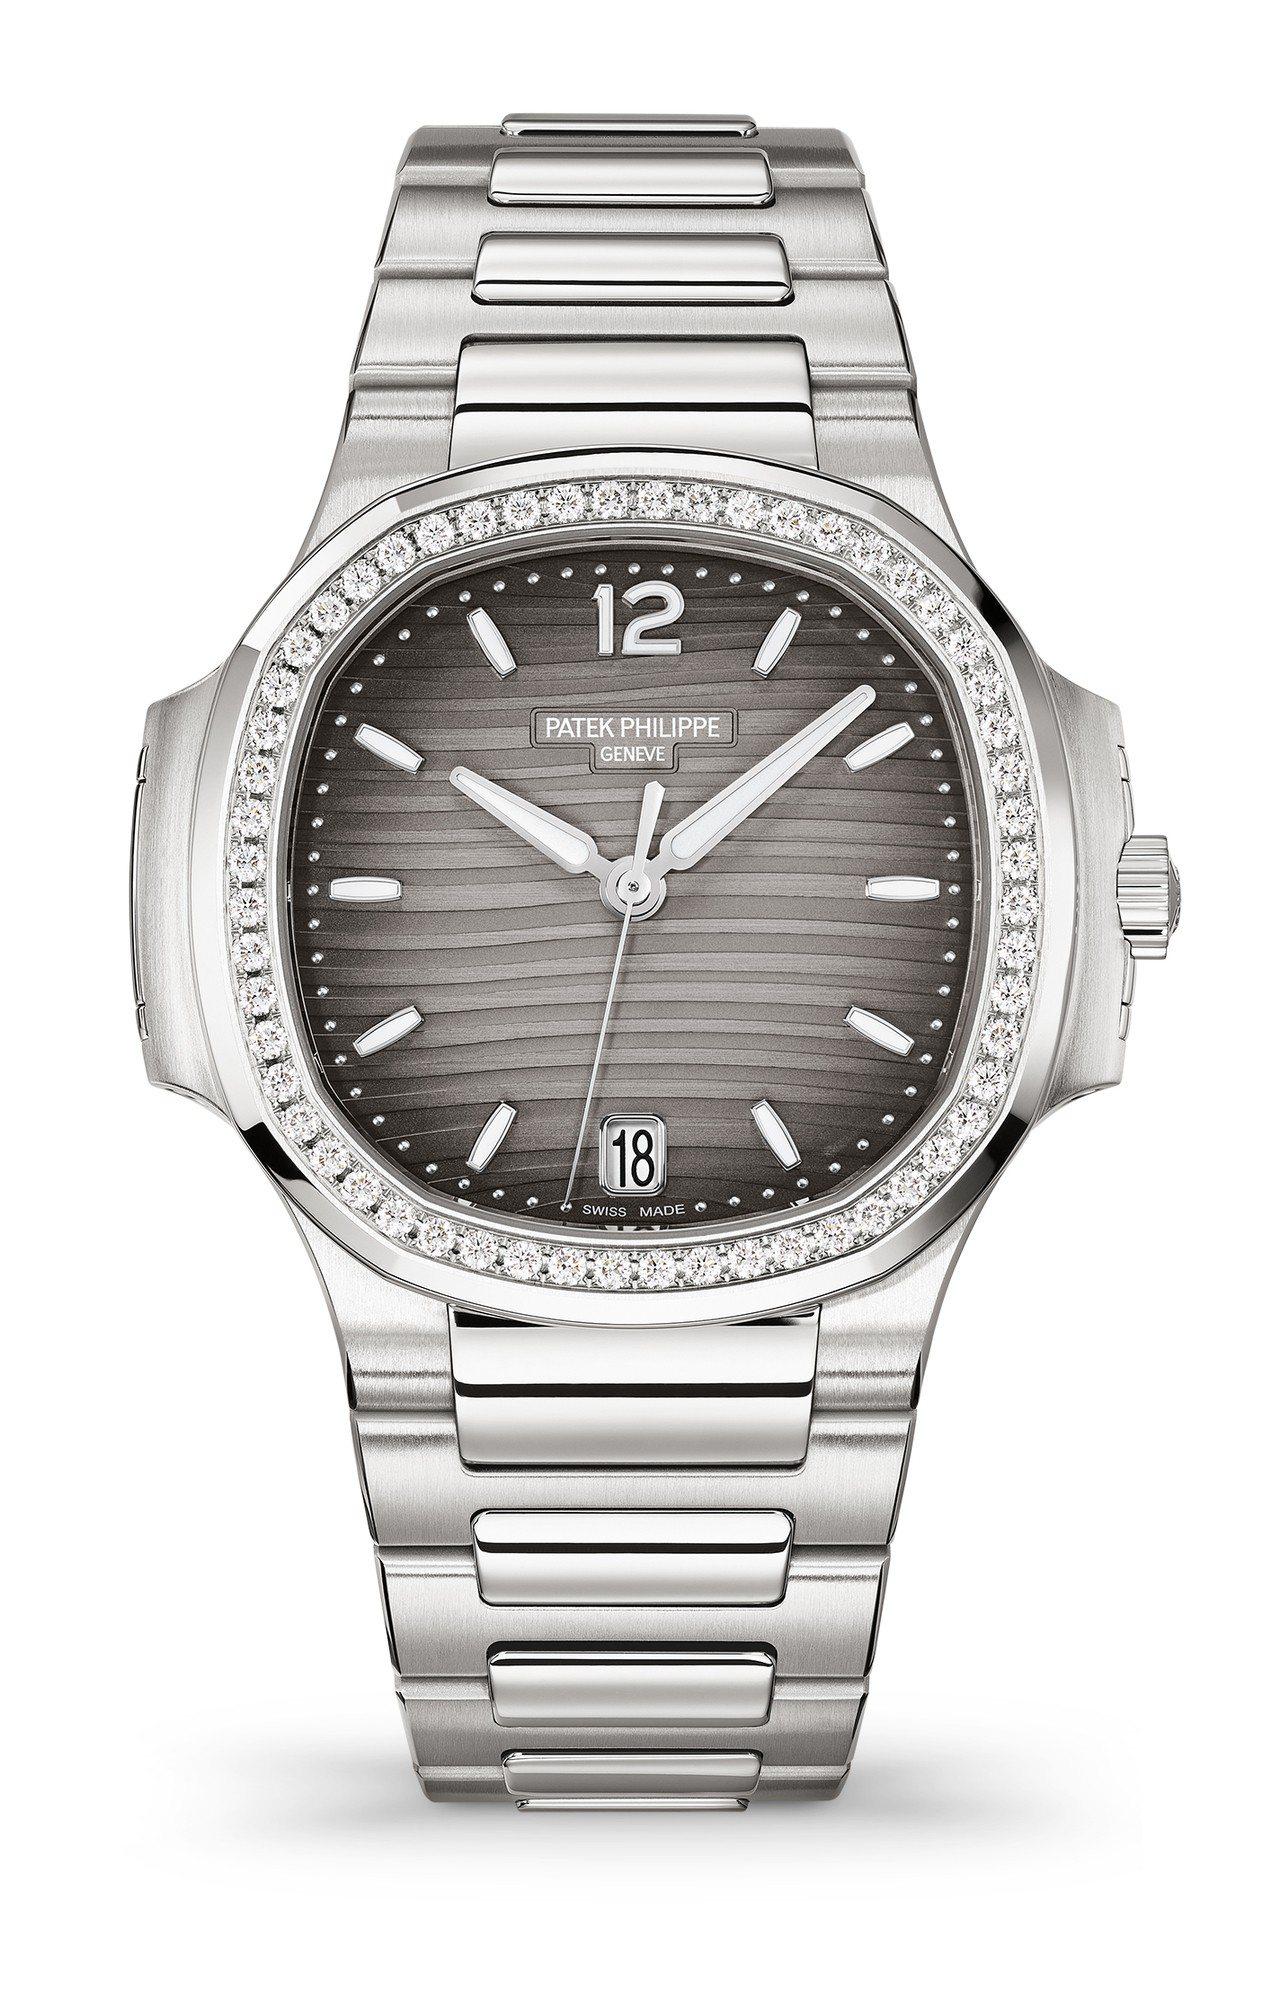 百達翡麗編號7118 Nautilus自動上鍊女裝不鏽鋼腕表,35.2毫米精鋼鑲...